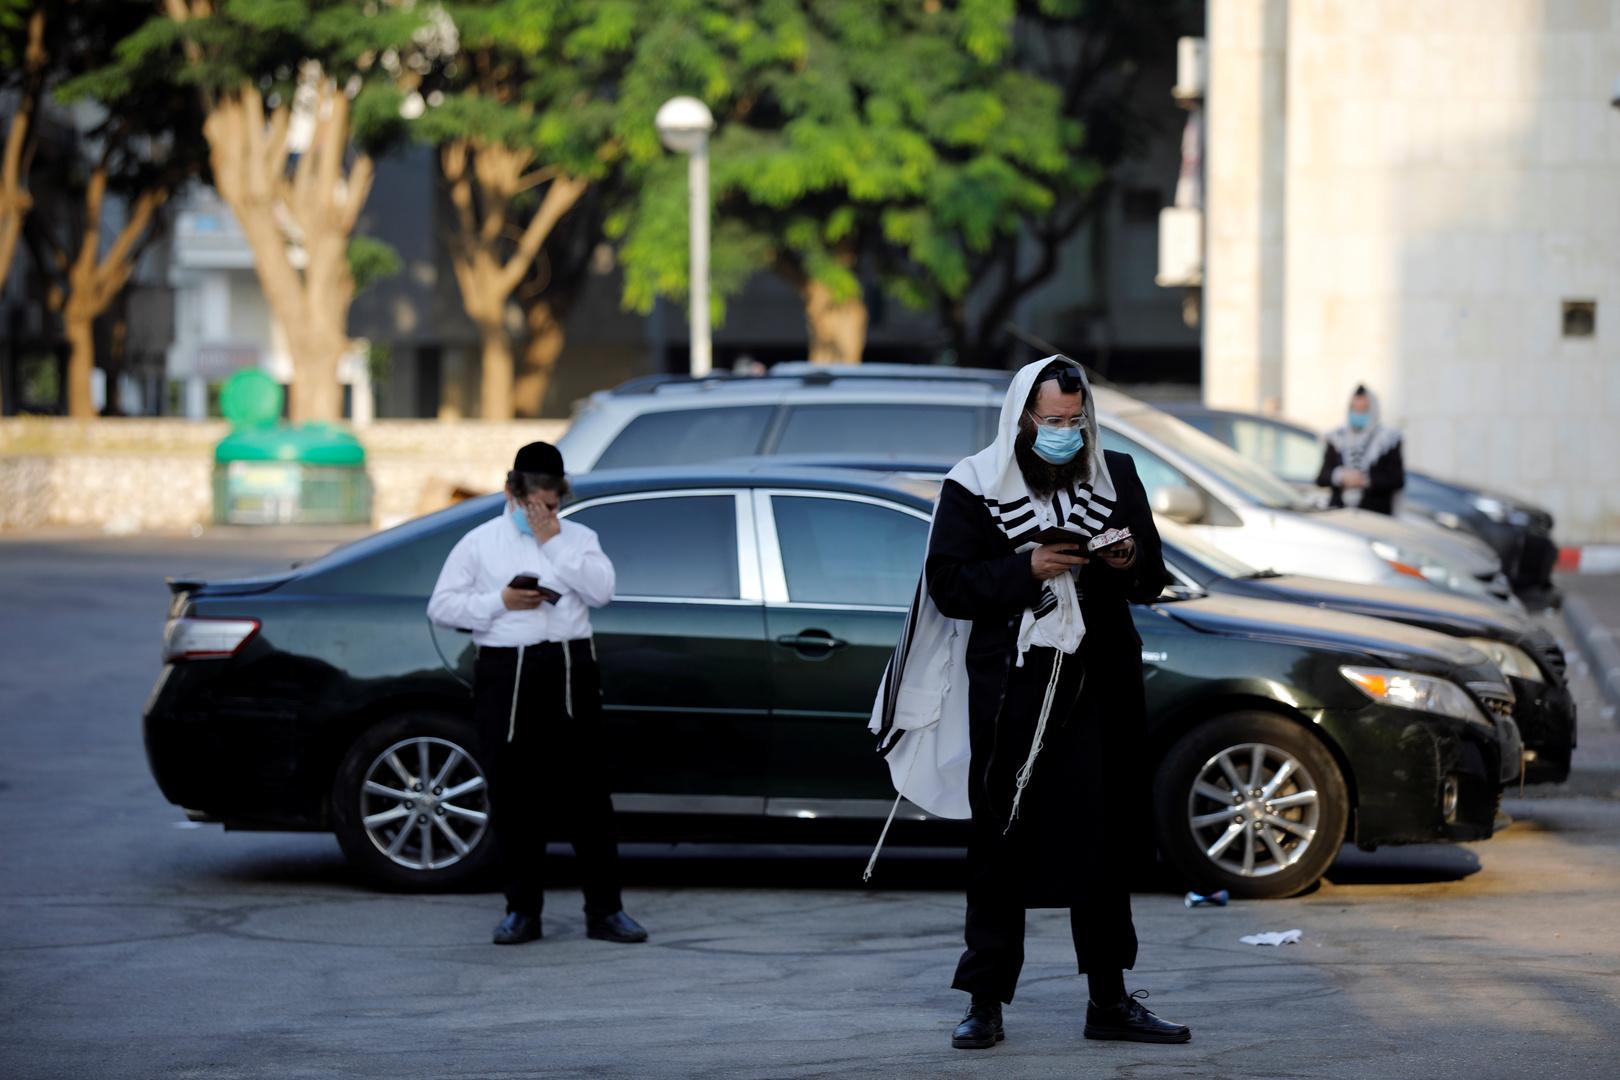 الصحة الإسرائيلية تعلن تسجيل 5238 إصابة جديدة بكورونا في يوم واحد